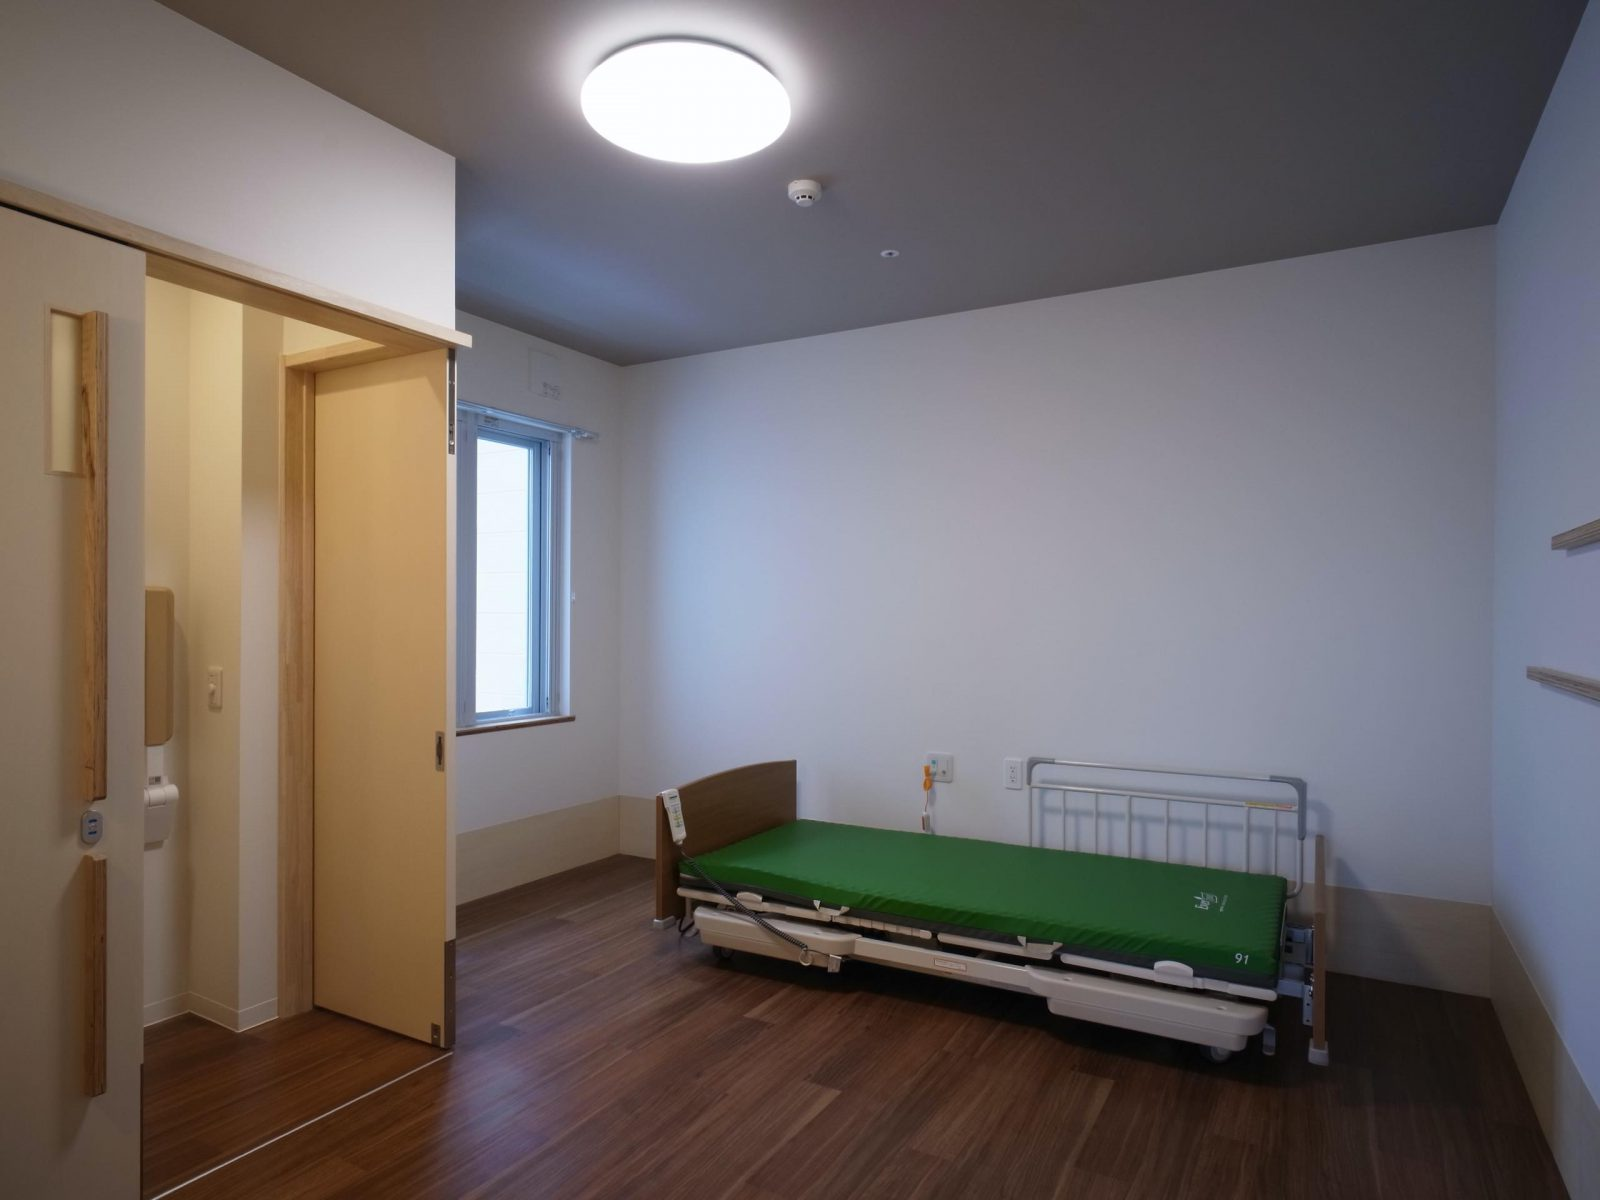 3Fユニット居室